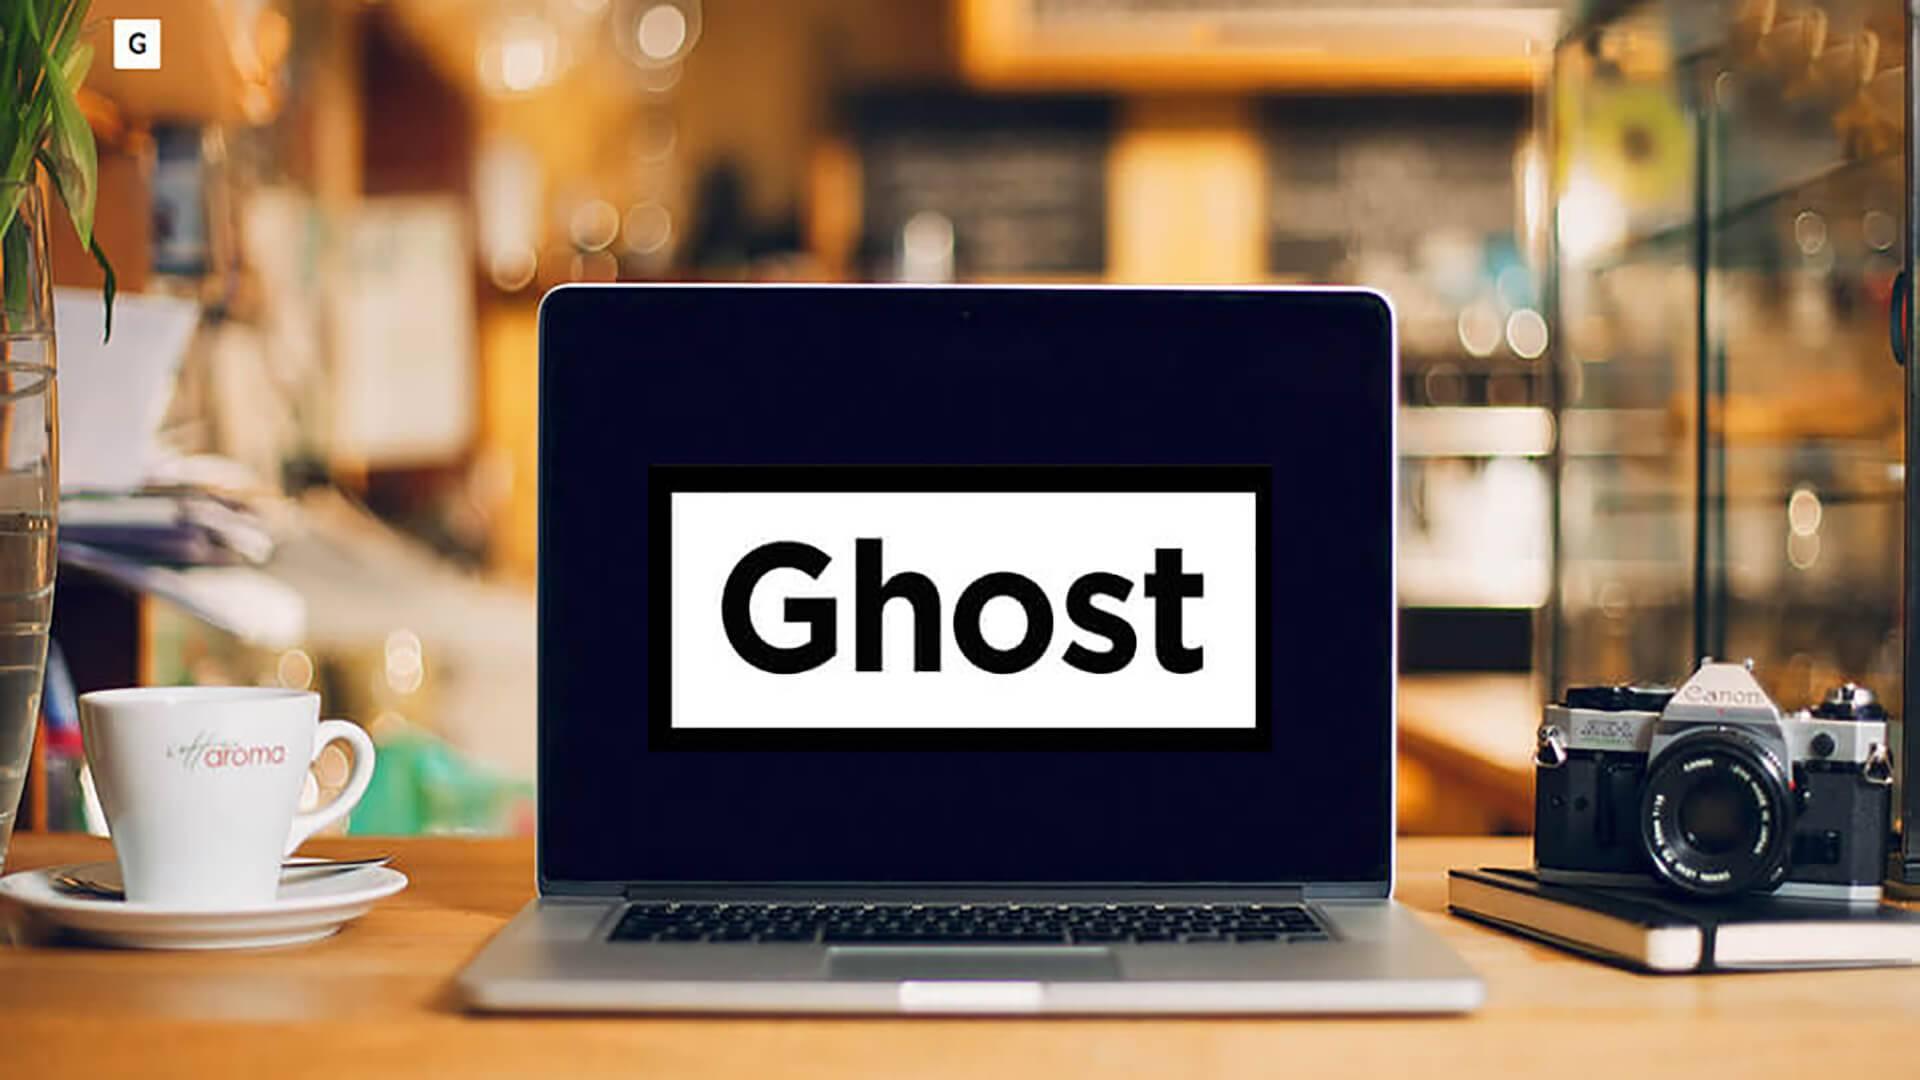 Ghost 博客升级指南